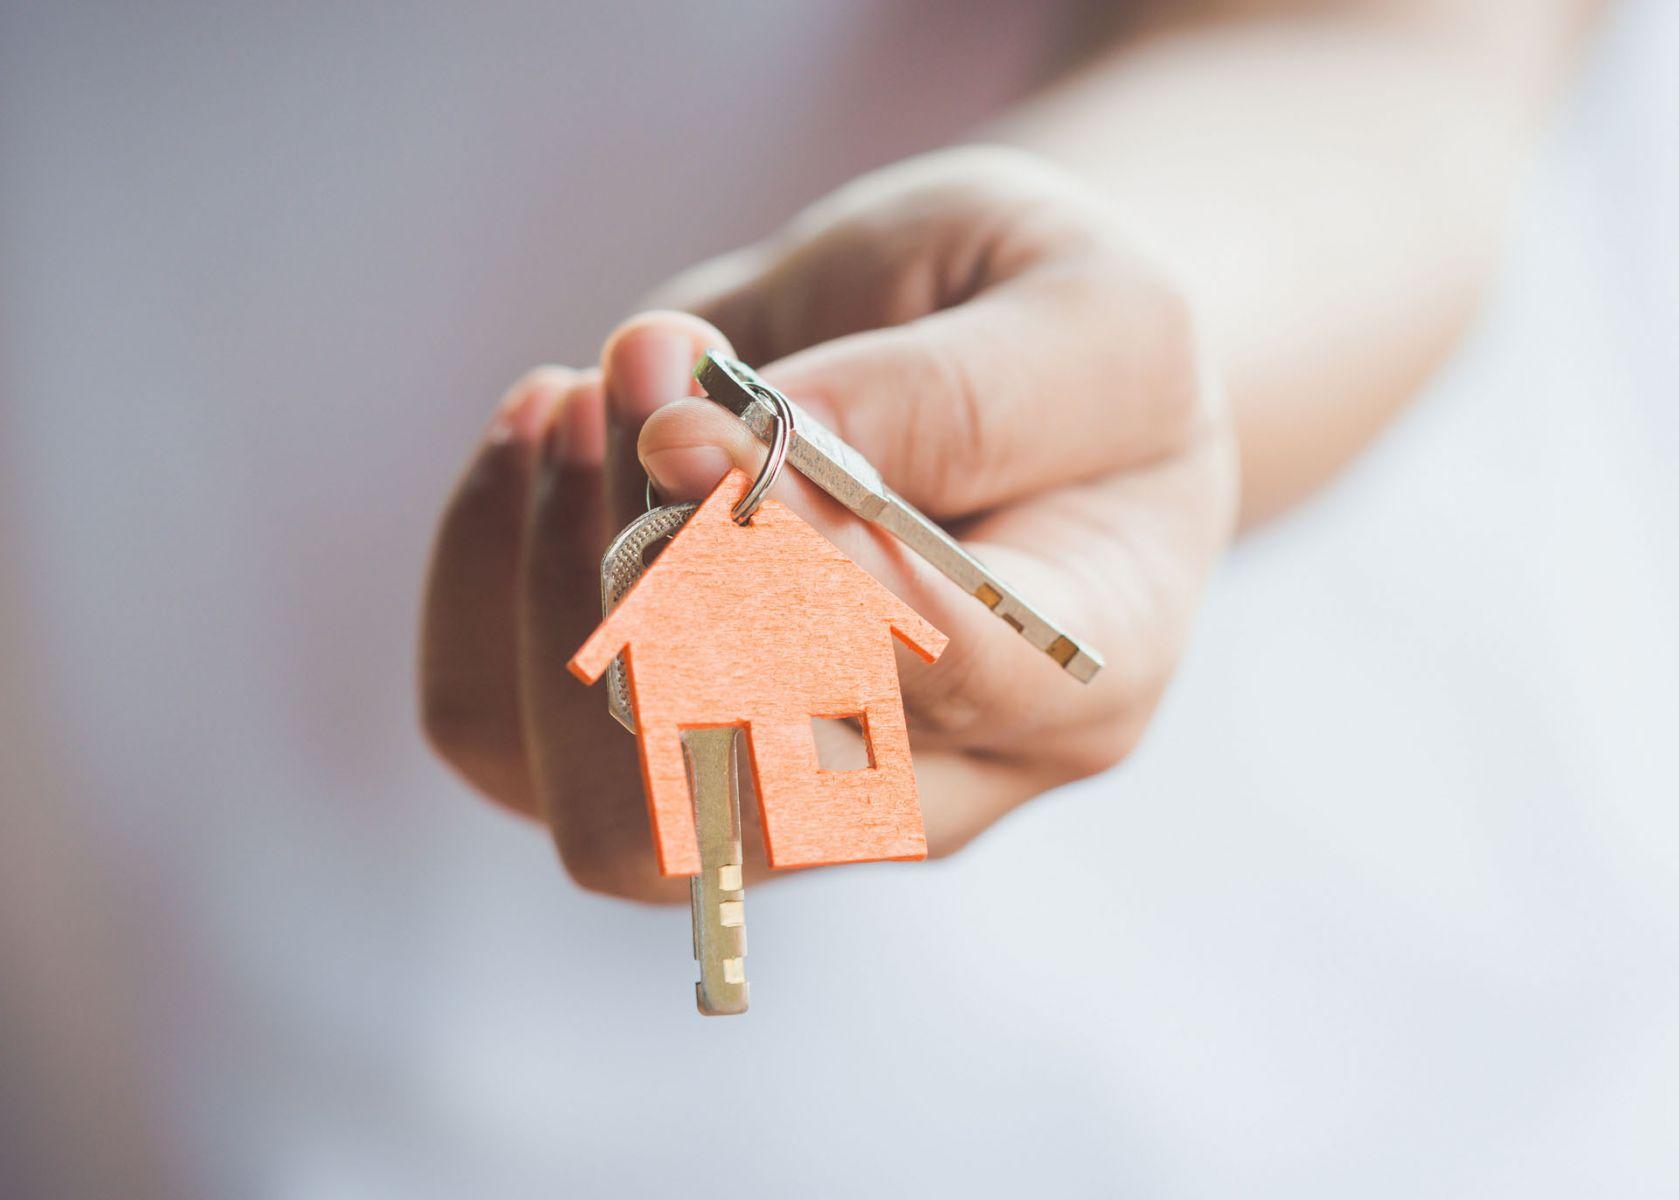 怎麼知道租屋的屋齡是多少?6招沒人知道的實價登錄平台查屋齡密法